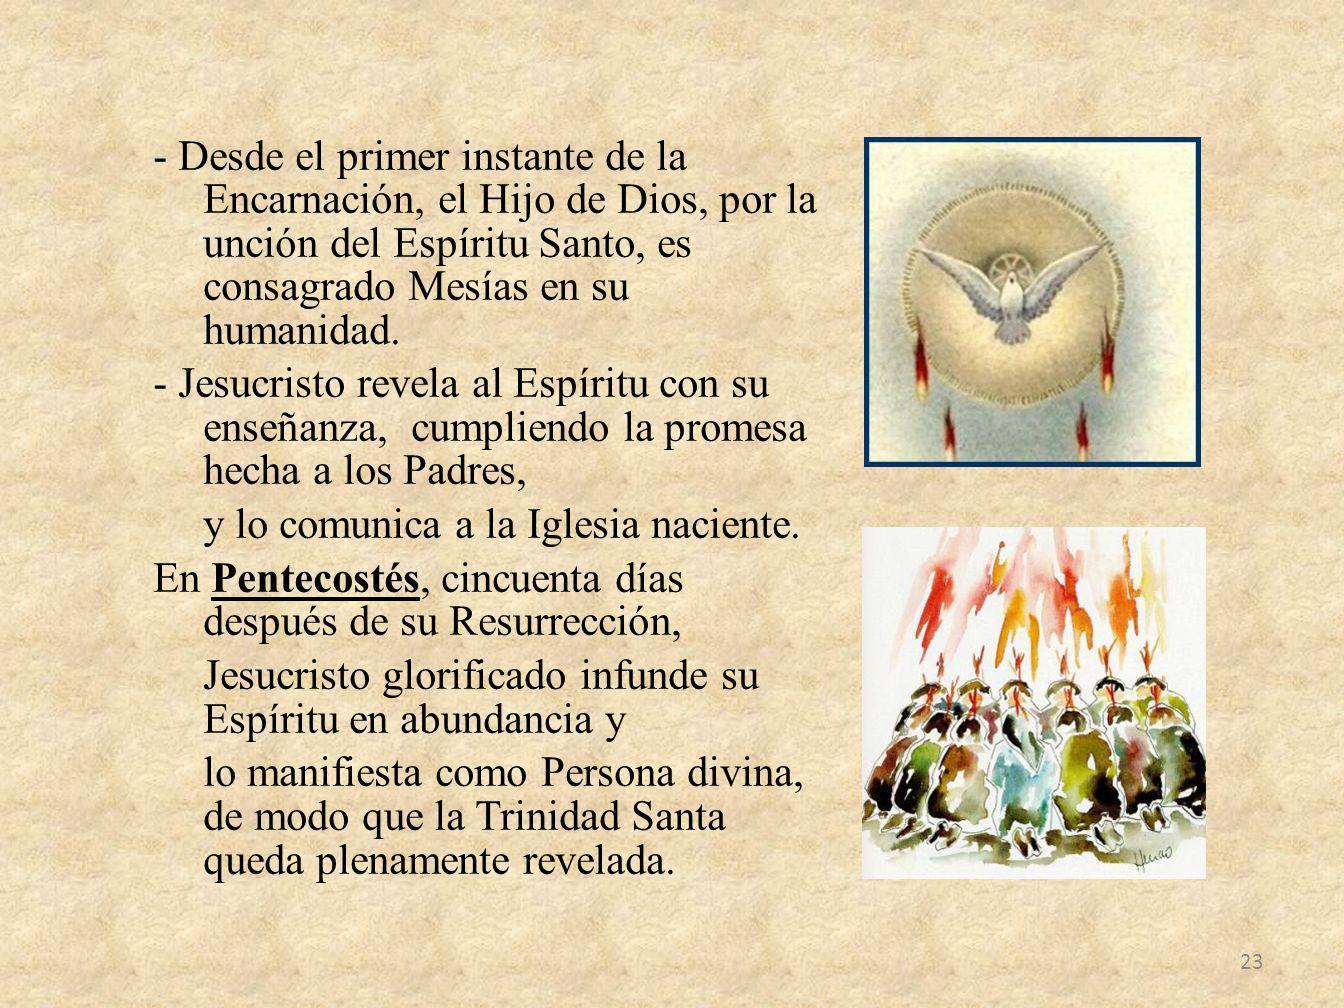 - Desde el primer instante de la Encarnación, el Hijo de Dios, por la unción del Espíritu Santo, es consagrado Mesías en su humanidad.